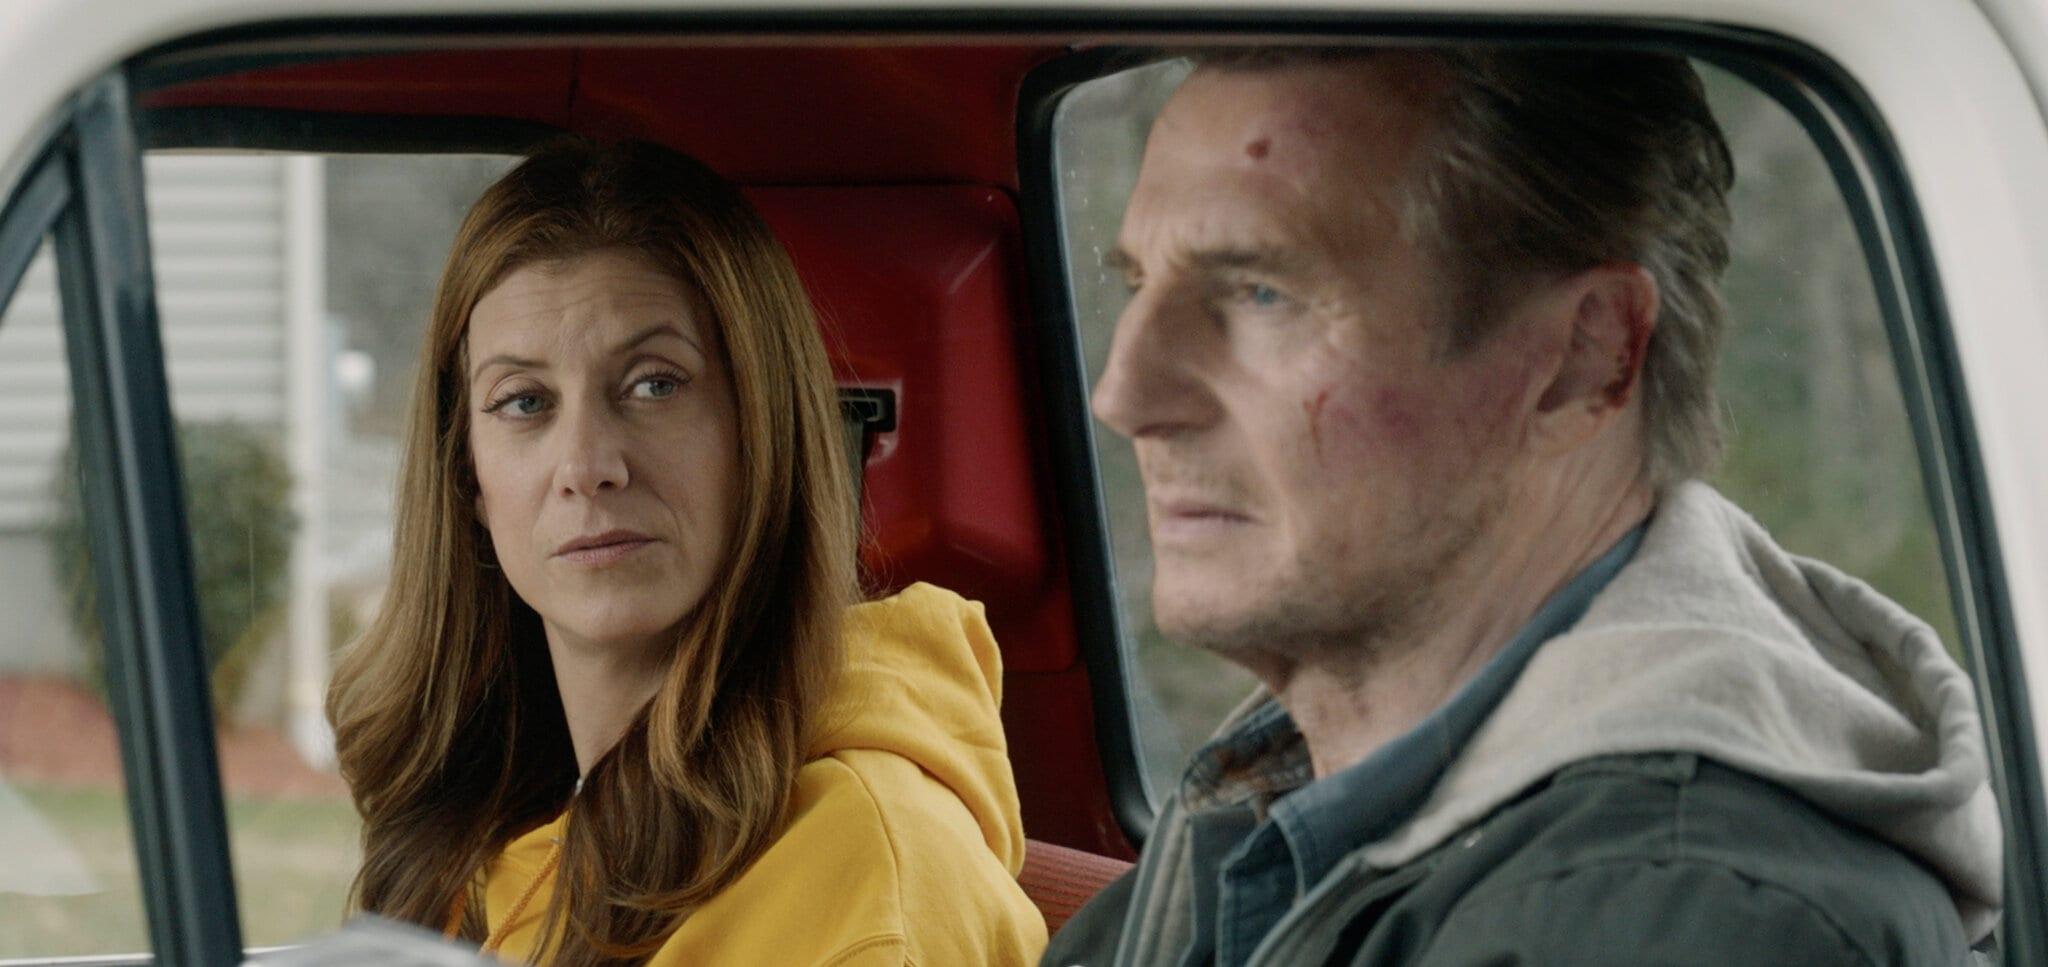 Honest Thief di Liam Neeson: 3,7 milioni di dollari al debutto negli Stati Uniti